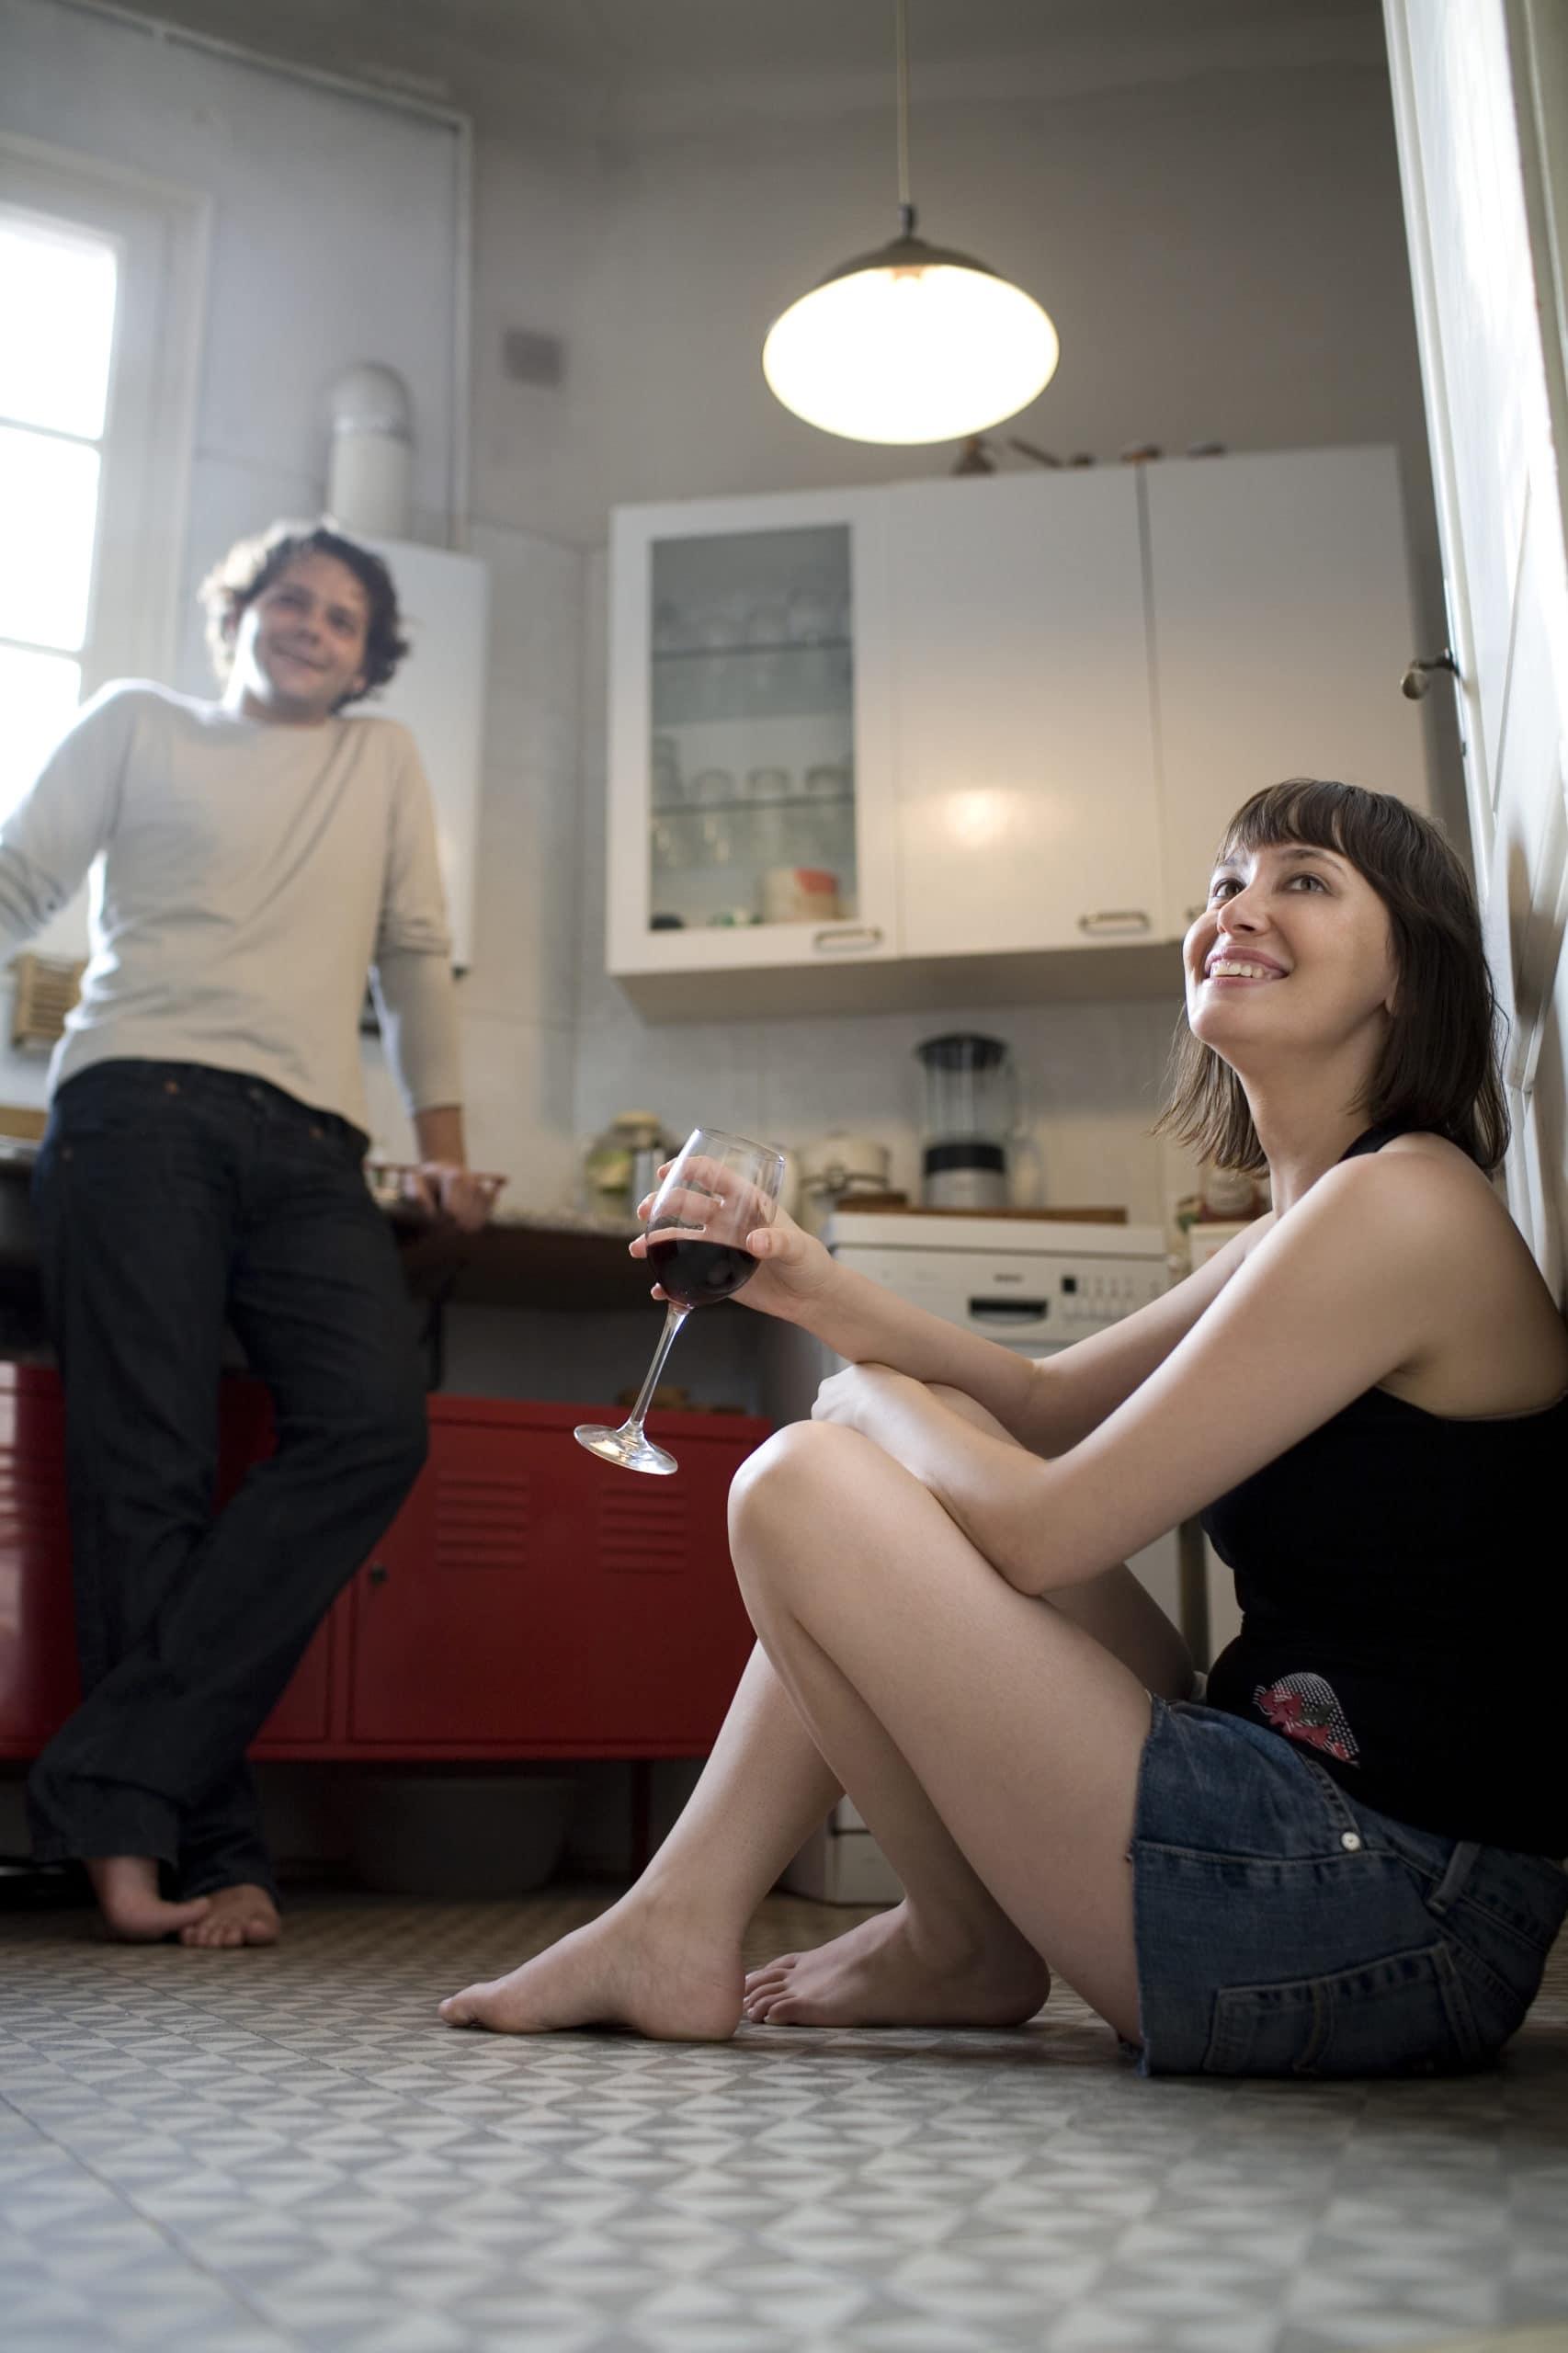 Ein Paar sitzt in der Küche und trinkt Wein